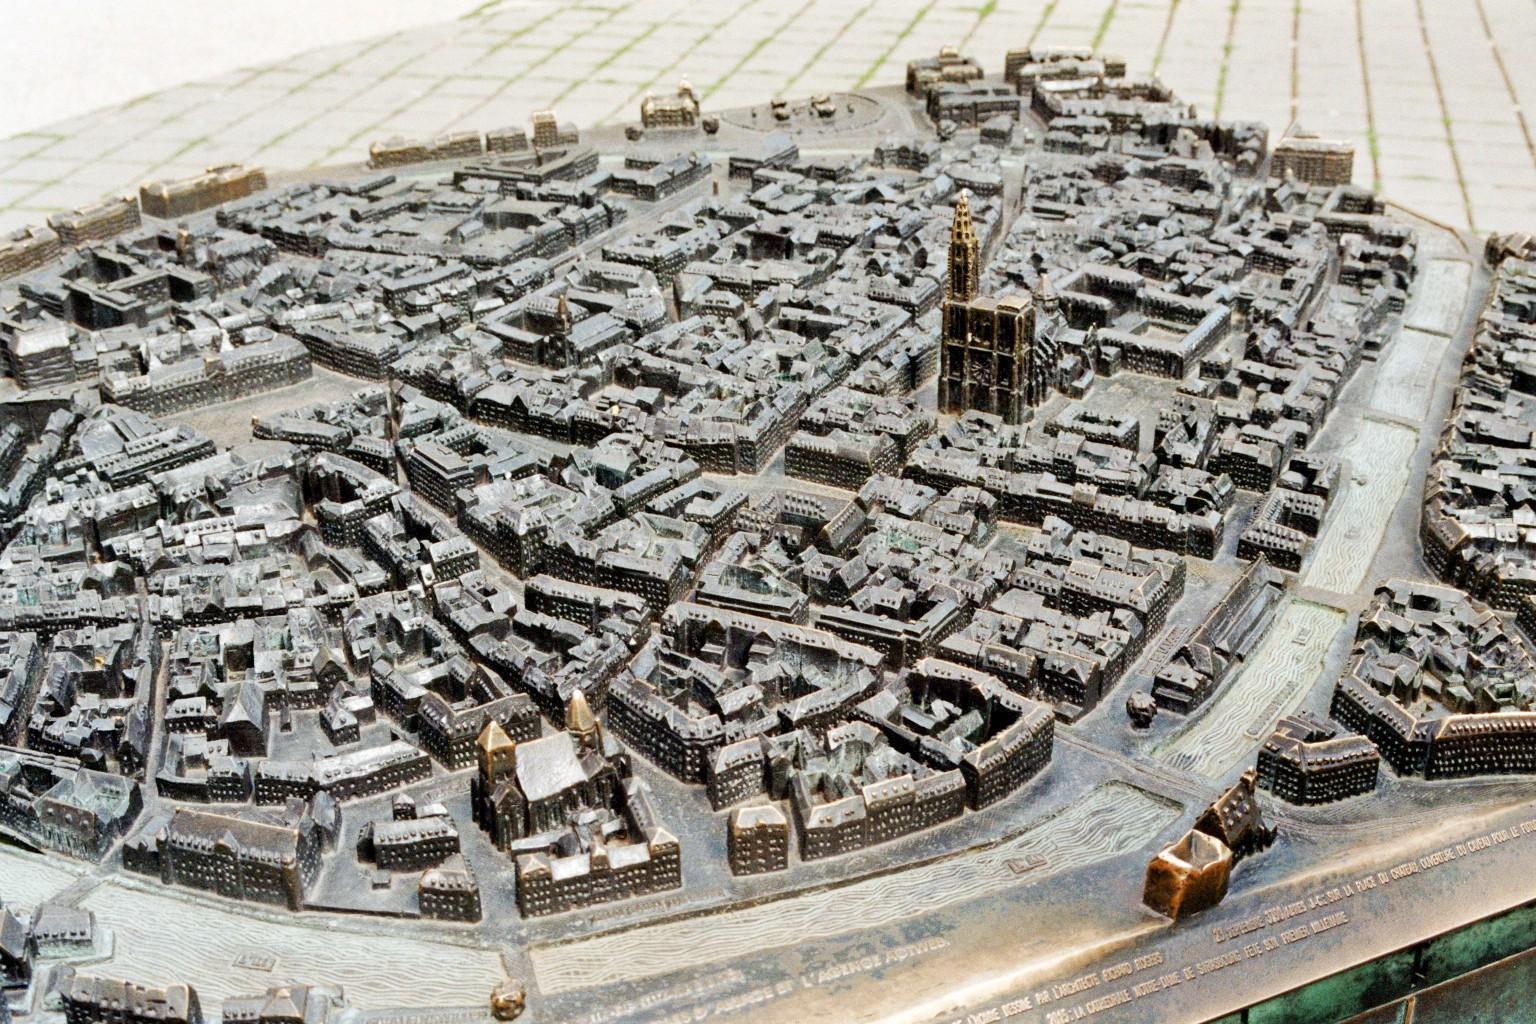 Miniatur architektonisches Modell der Stadt Straßburg